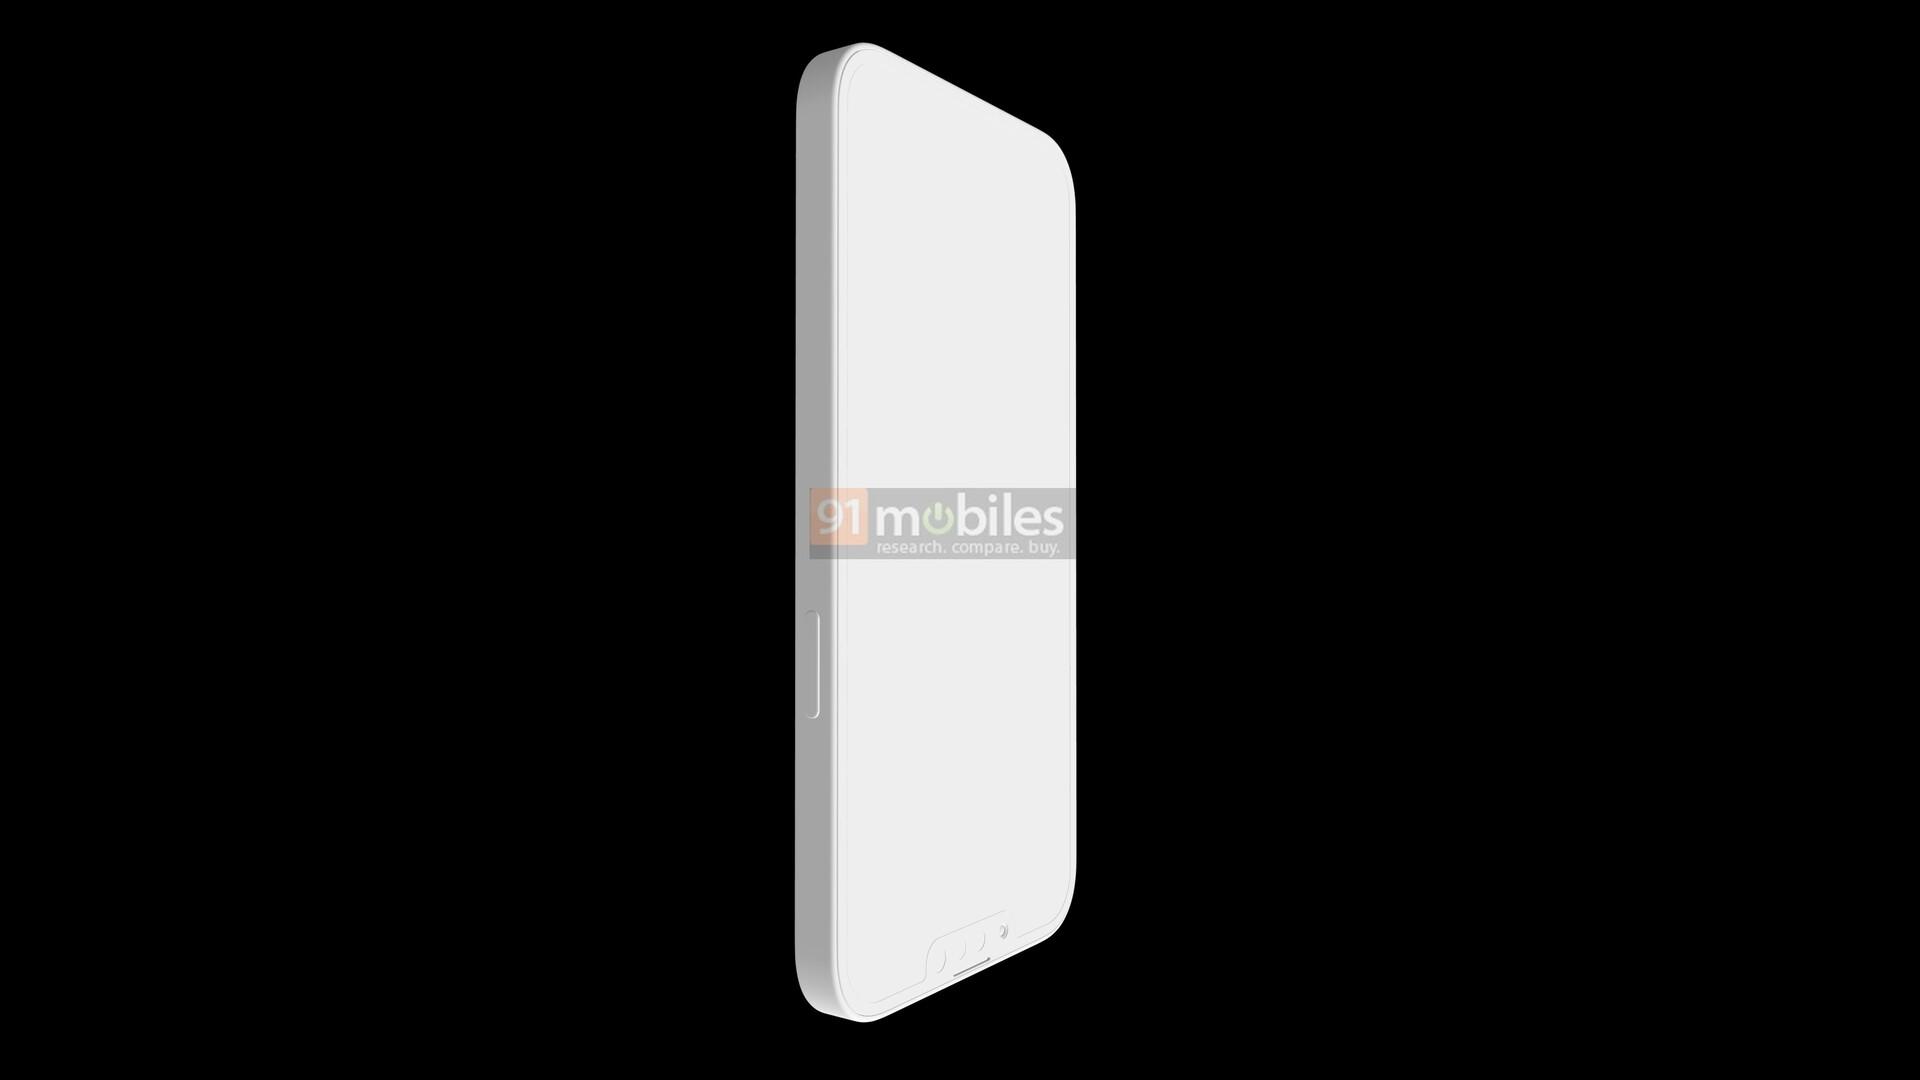 Lộ hình ảnh render của Apple iPhone 13 Pro, nhiều điểm tương đồng với iPhone 12 Pro hiện tại